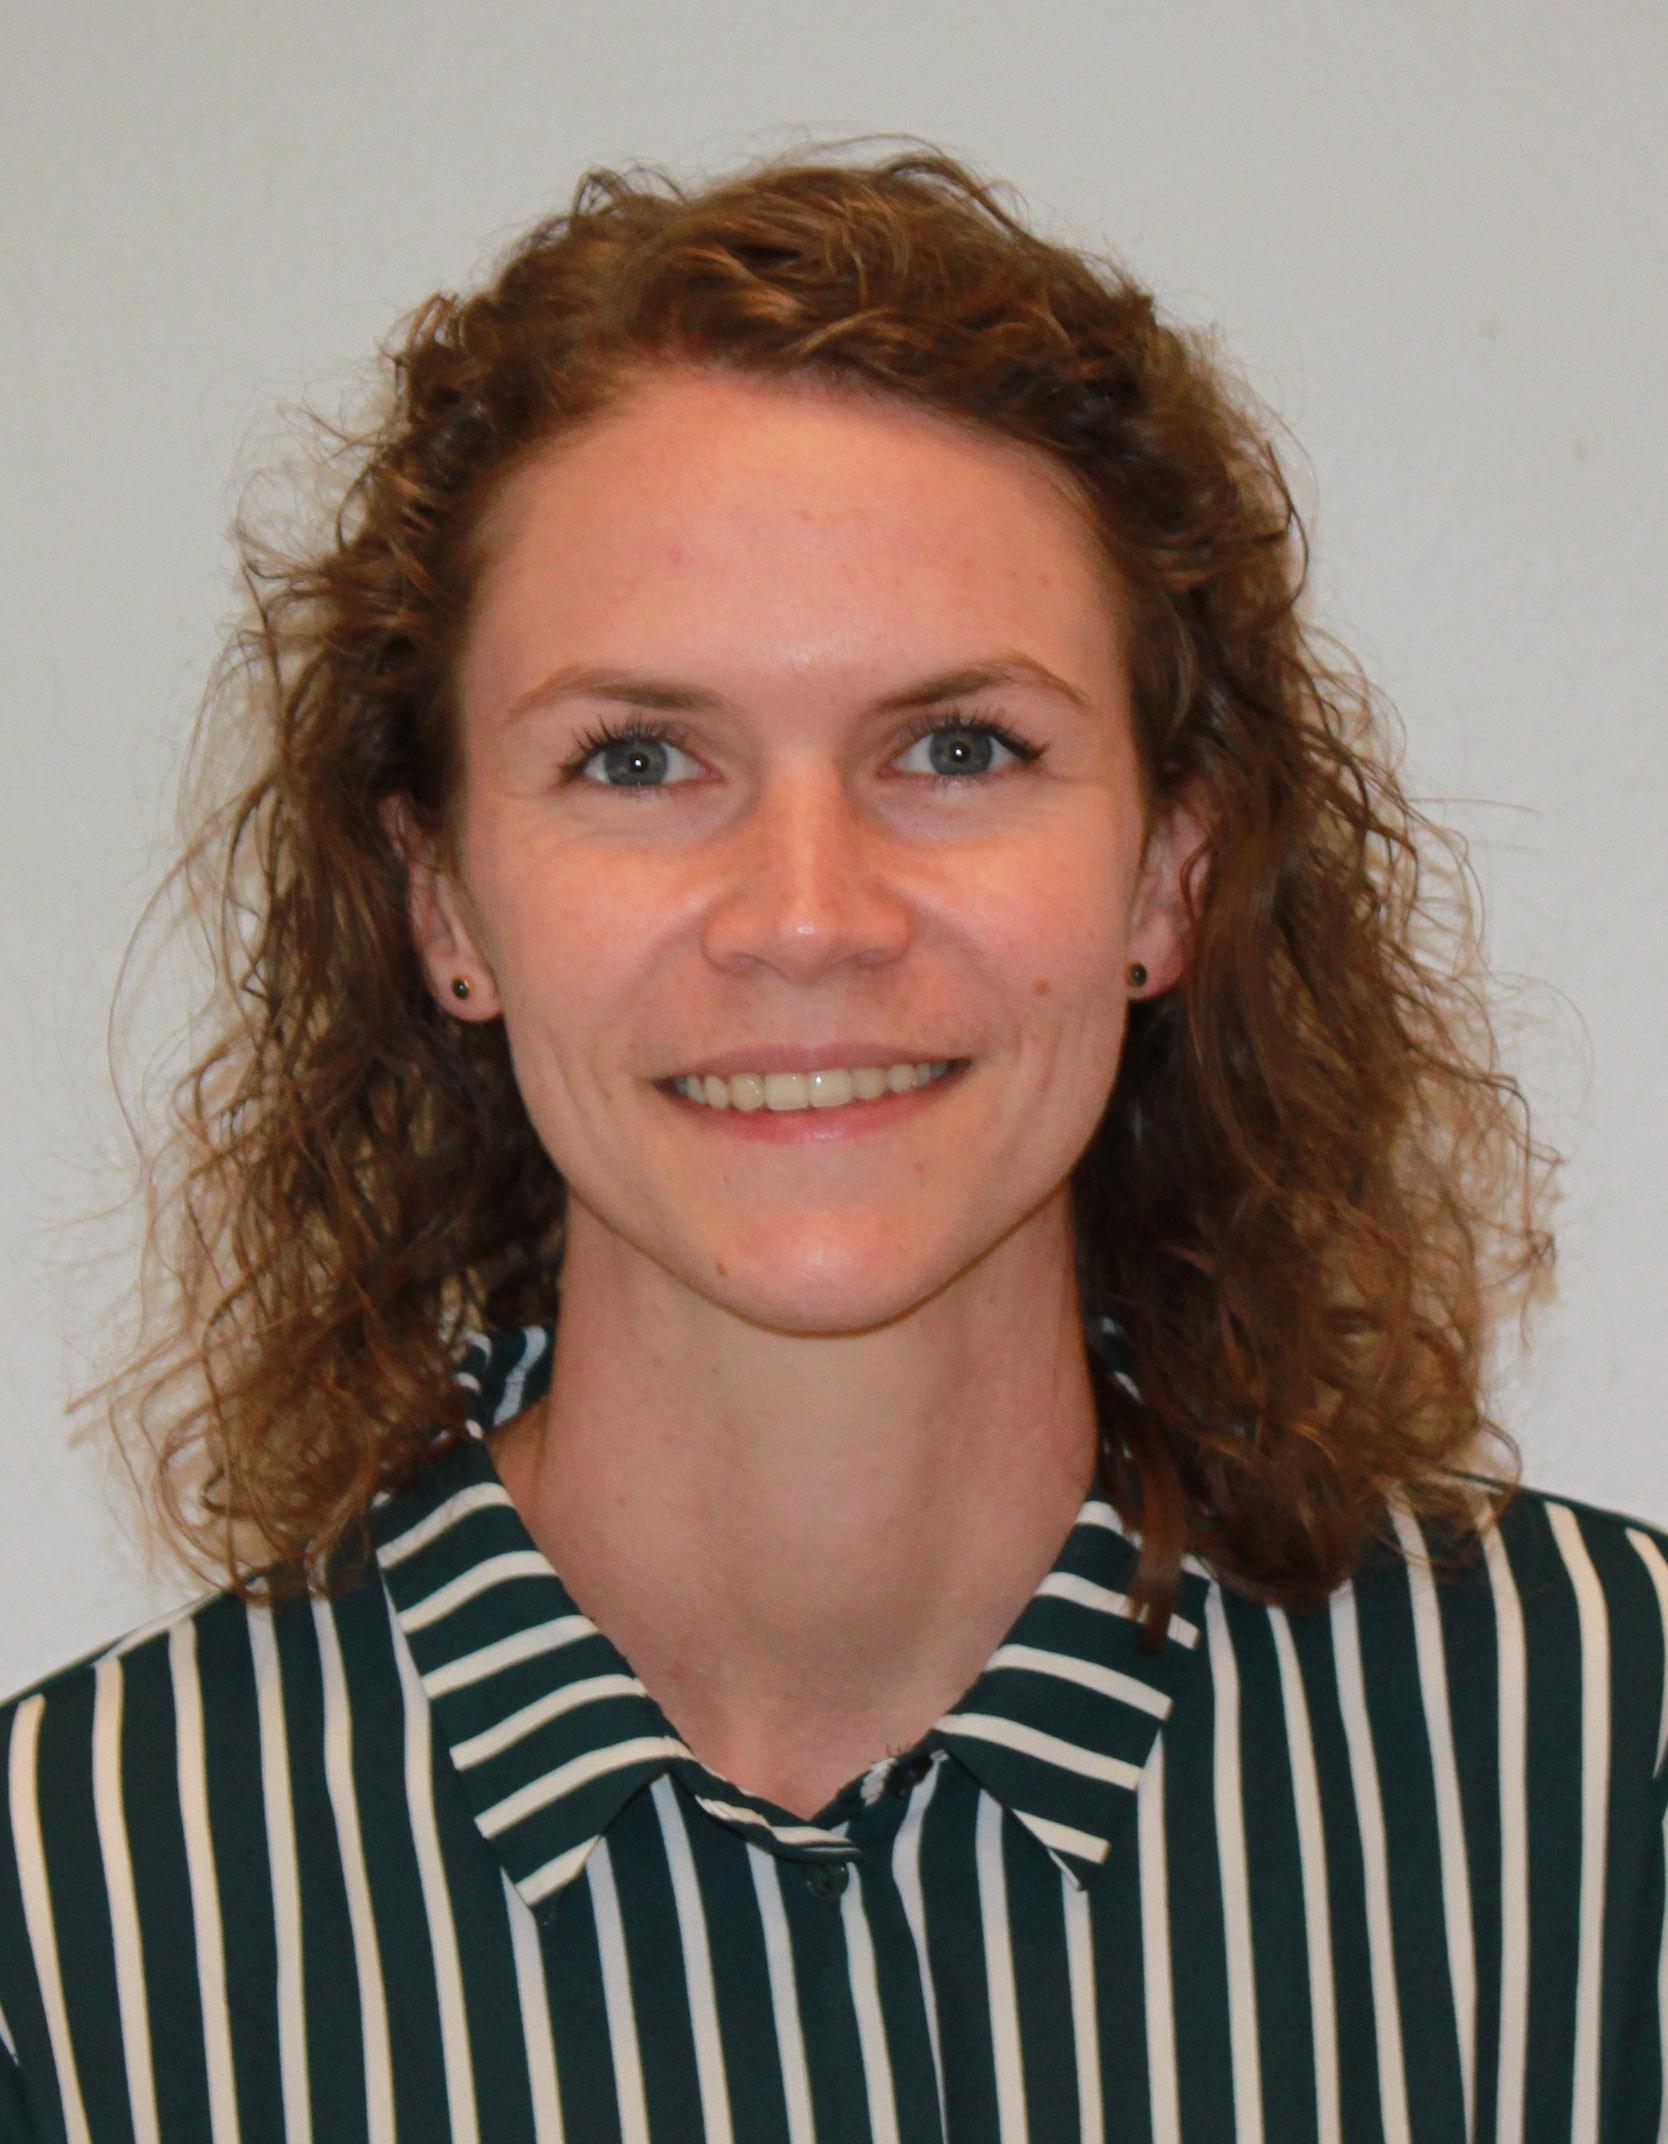 Kathrine Esager Ørskov